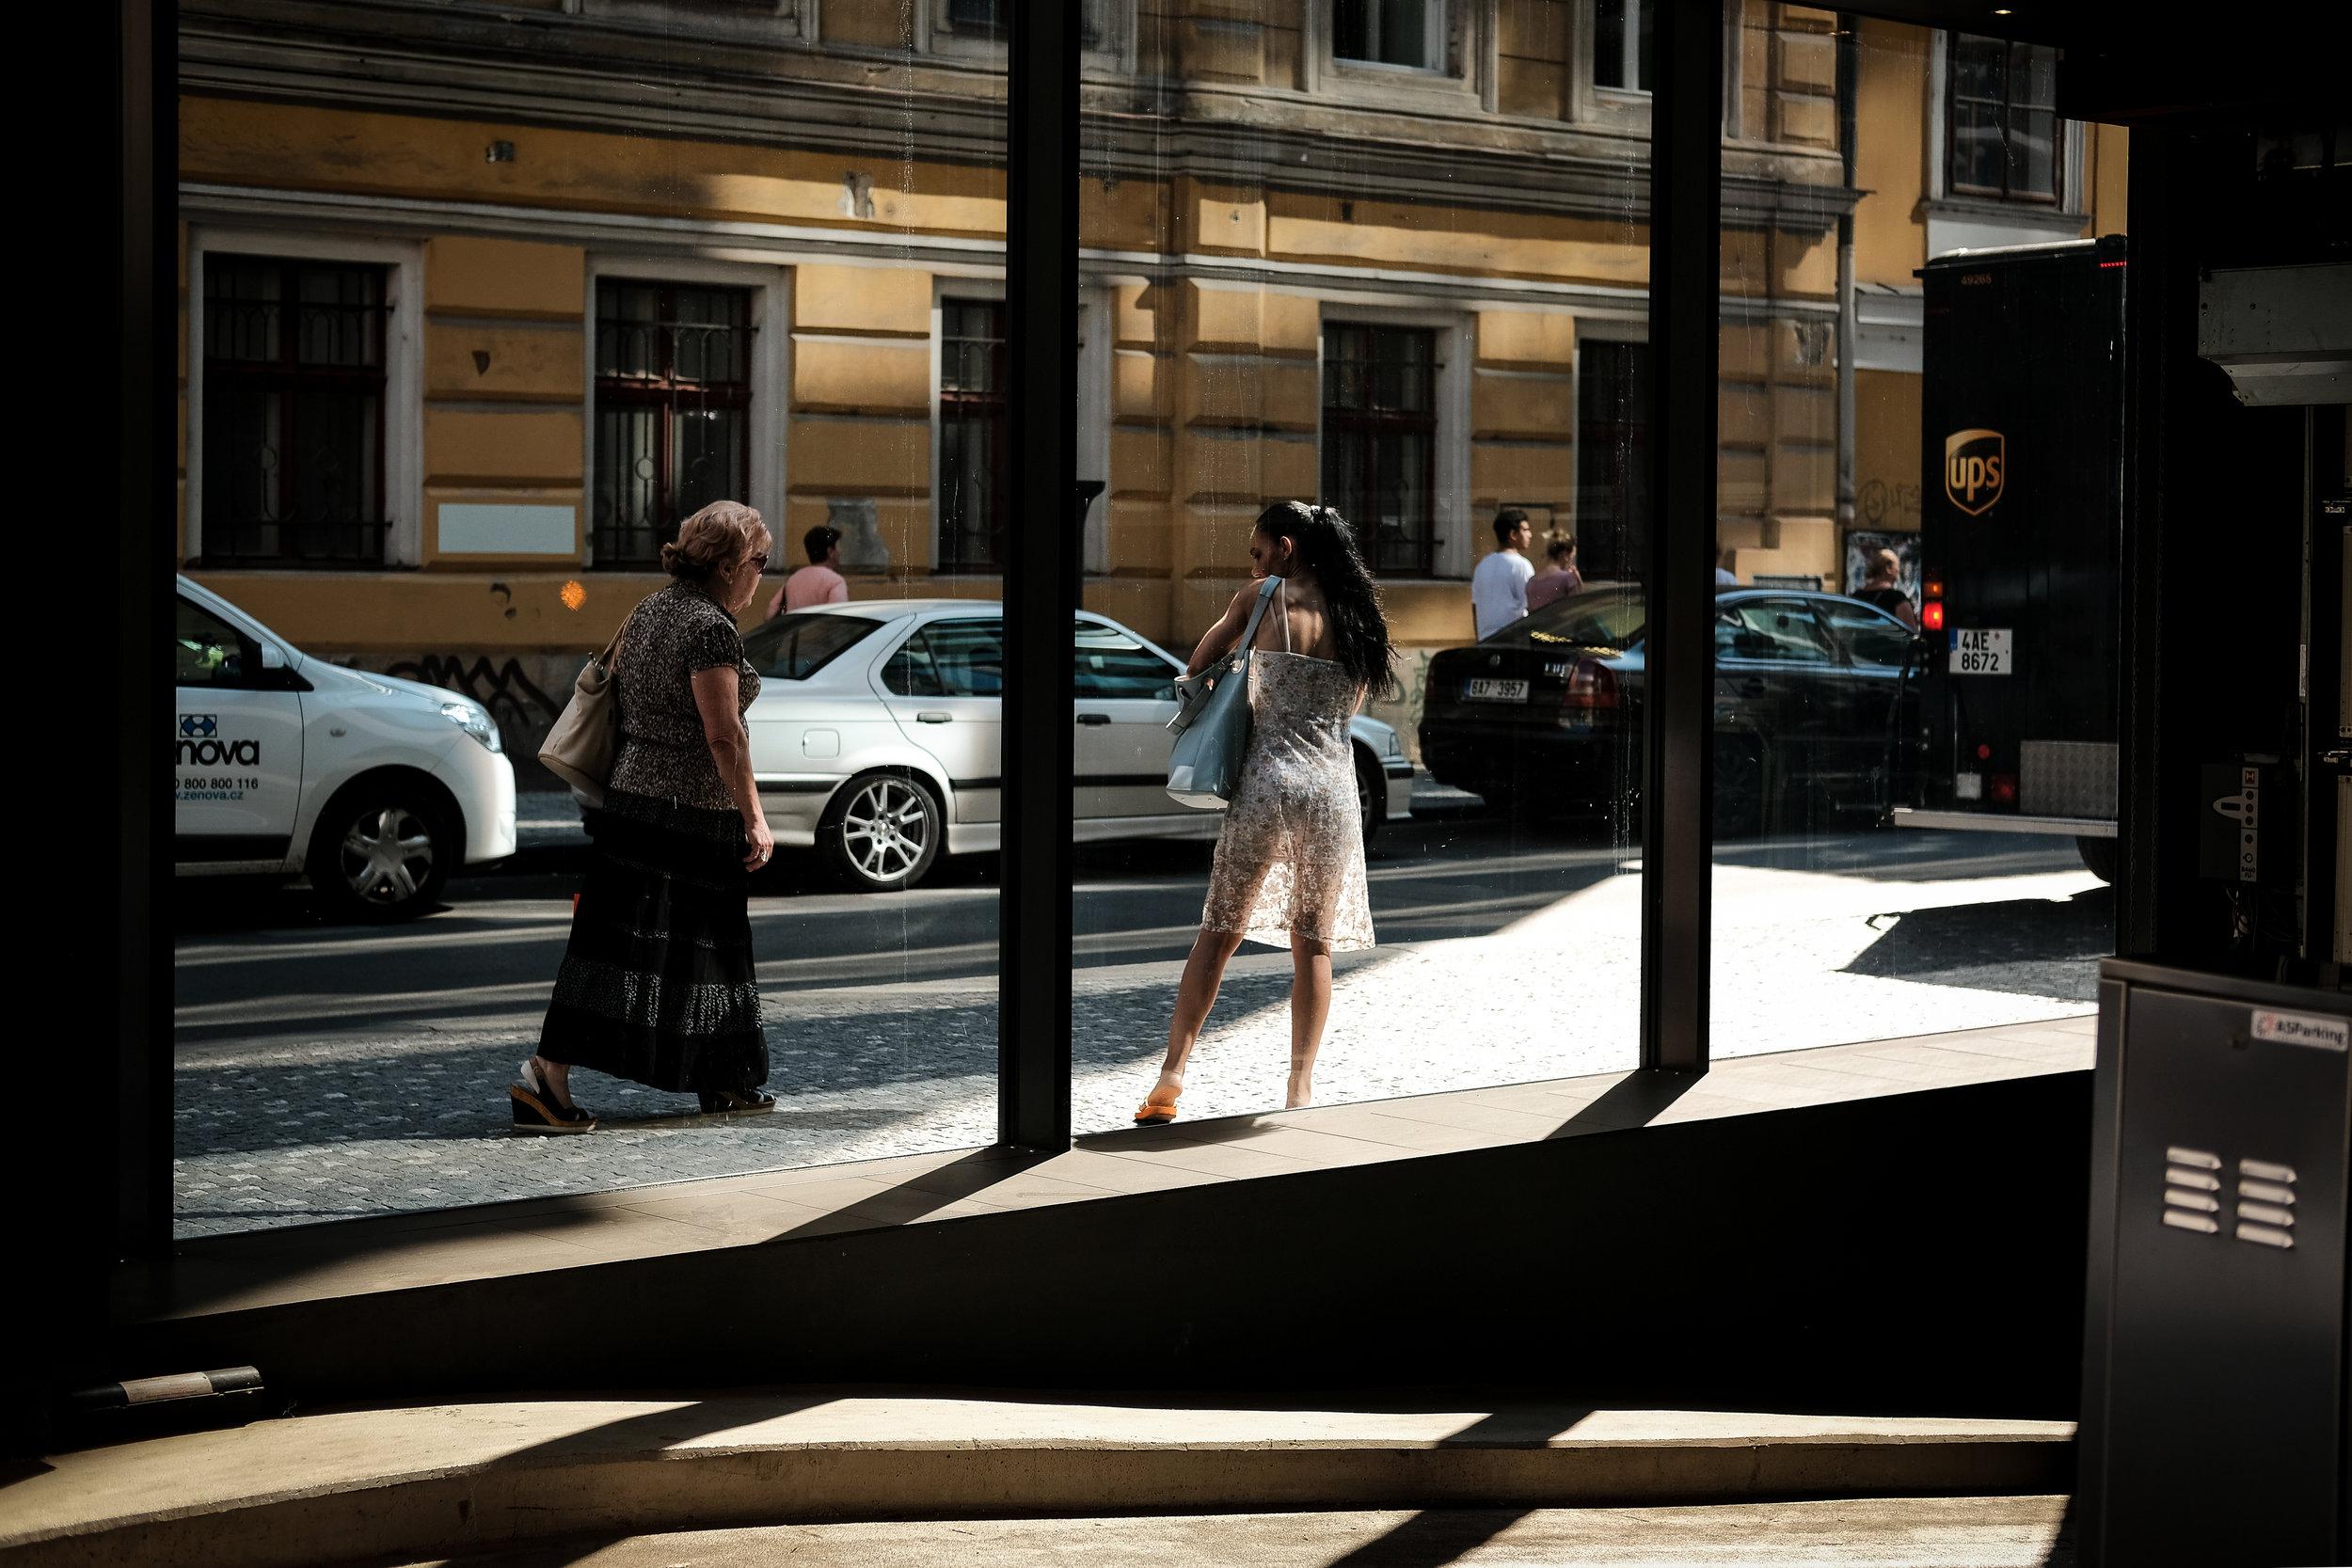 Prauge_Streets-3.jpg